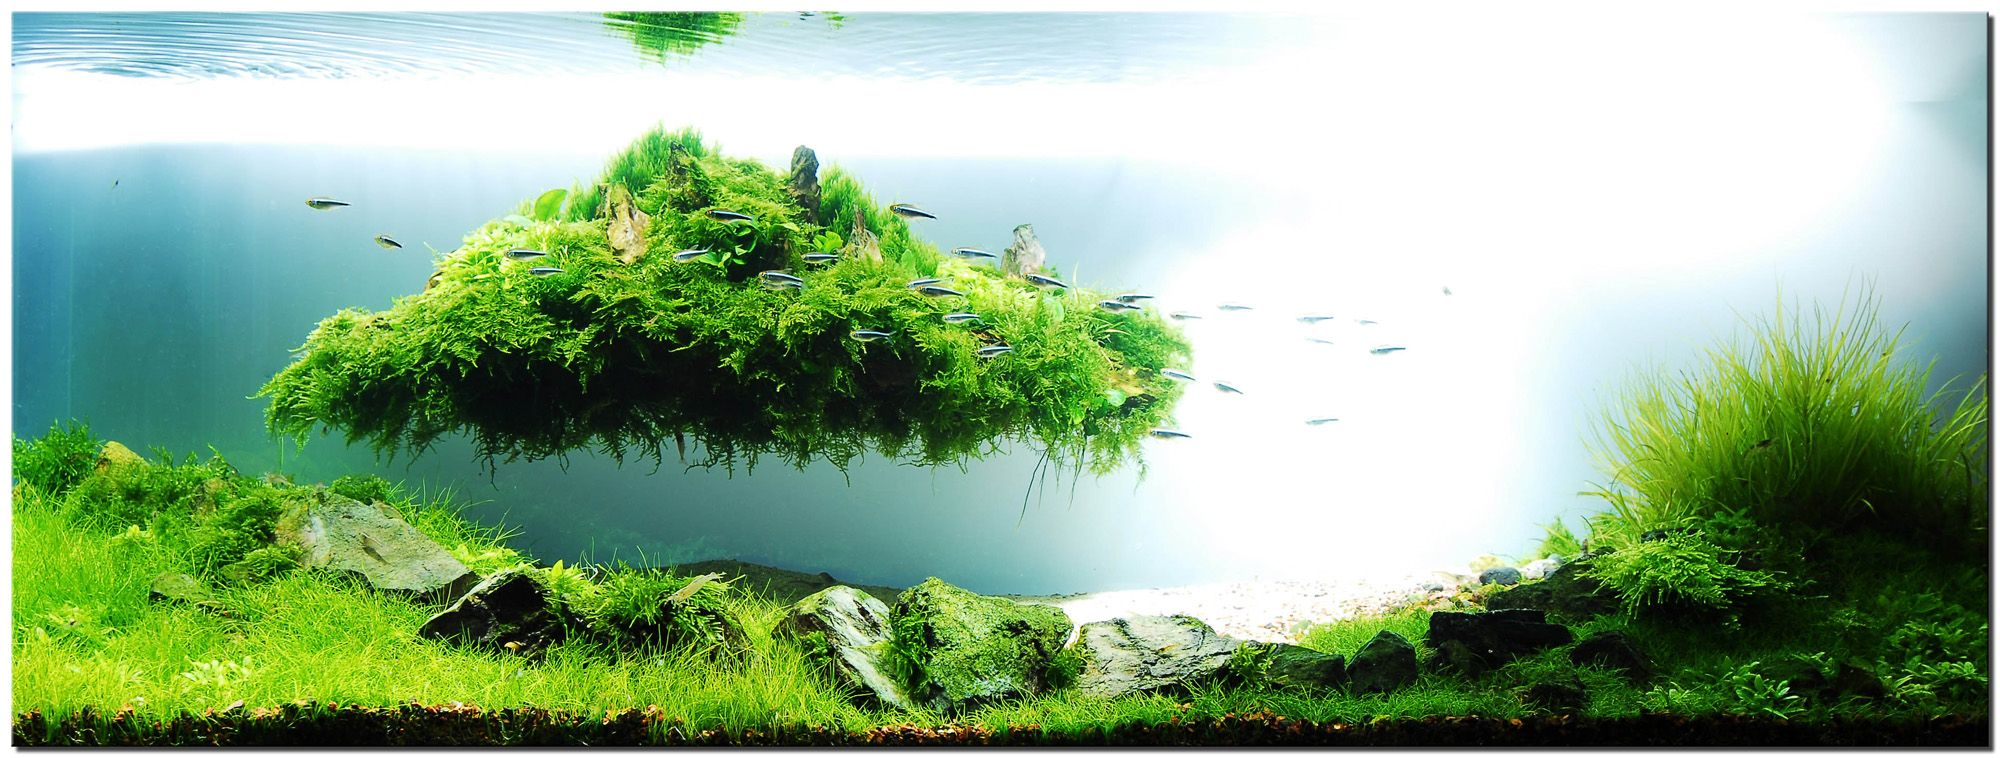 awesome aquascape designs aquarium ideas inspiration: floating